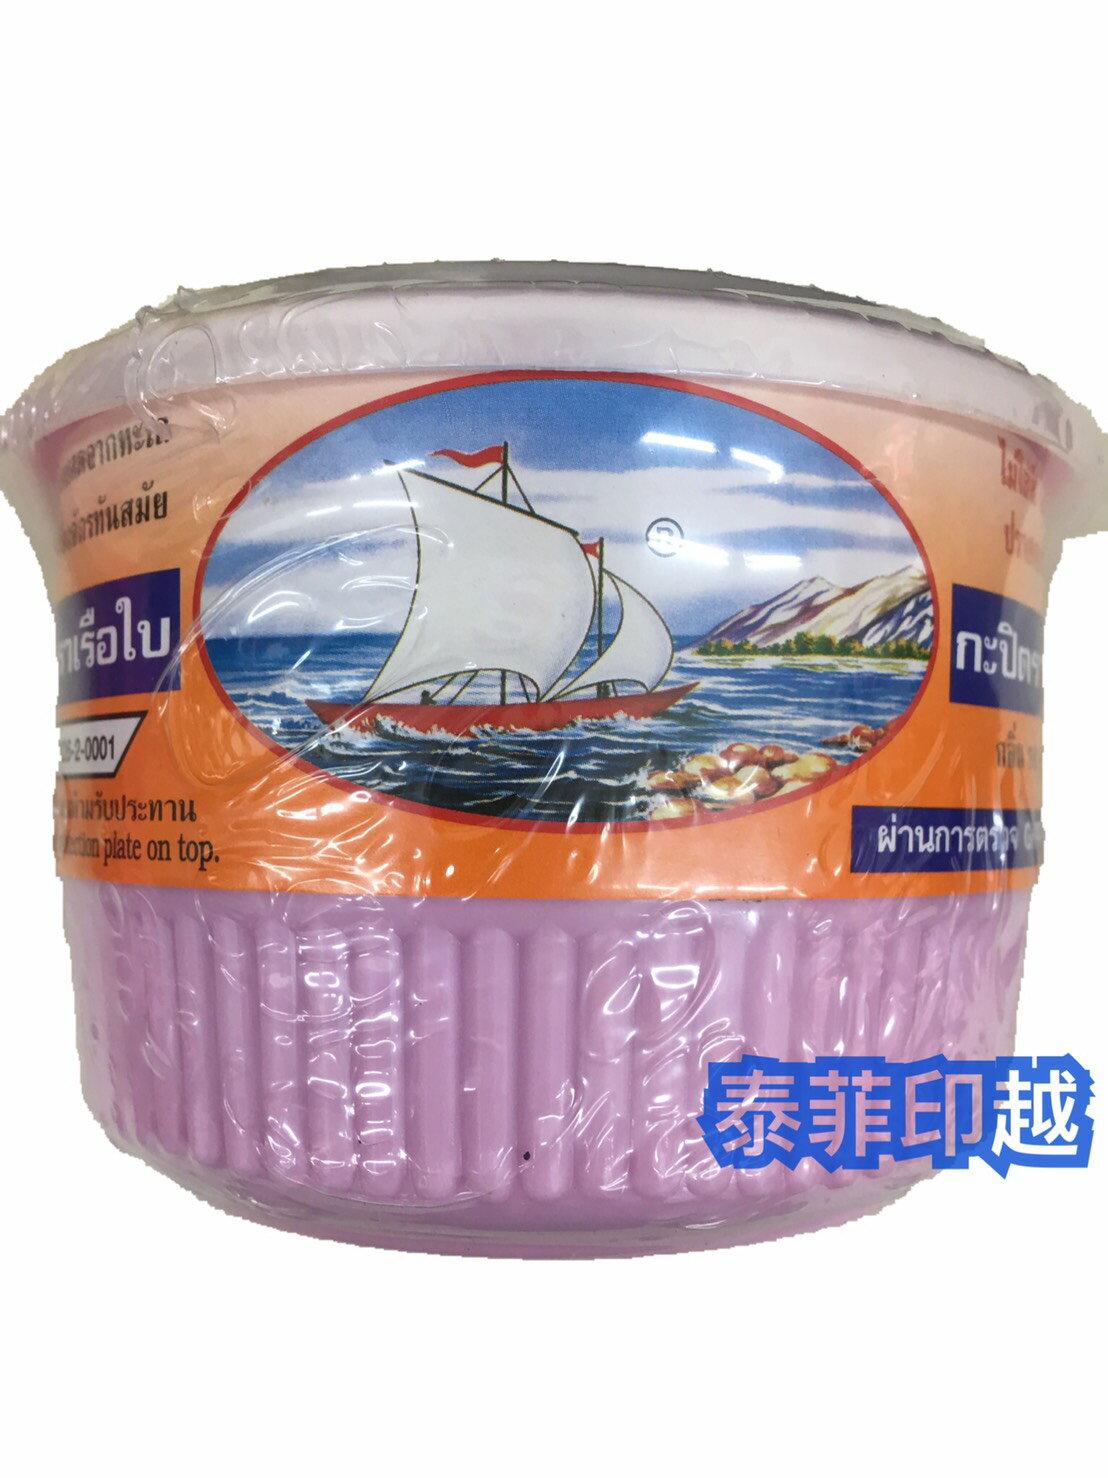 泰國 帆船蝦膏     蝦醬 蝦膏  ( 蝦醬空心菜 400克